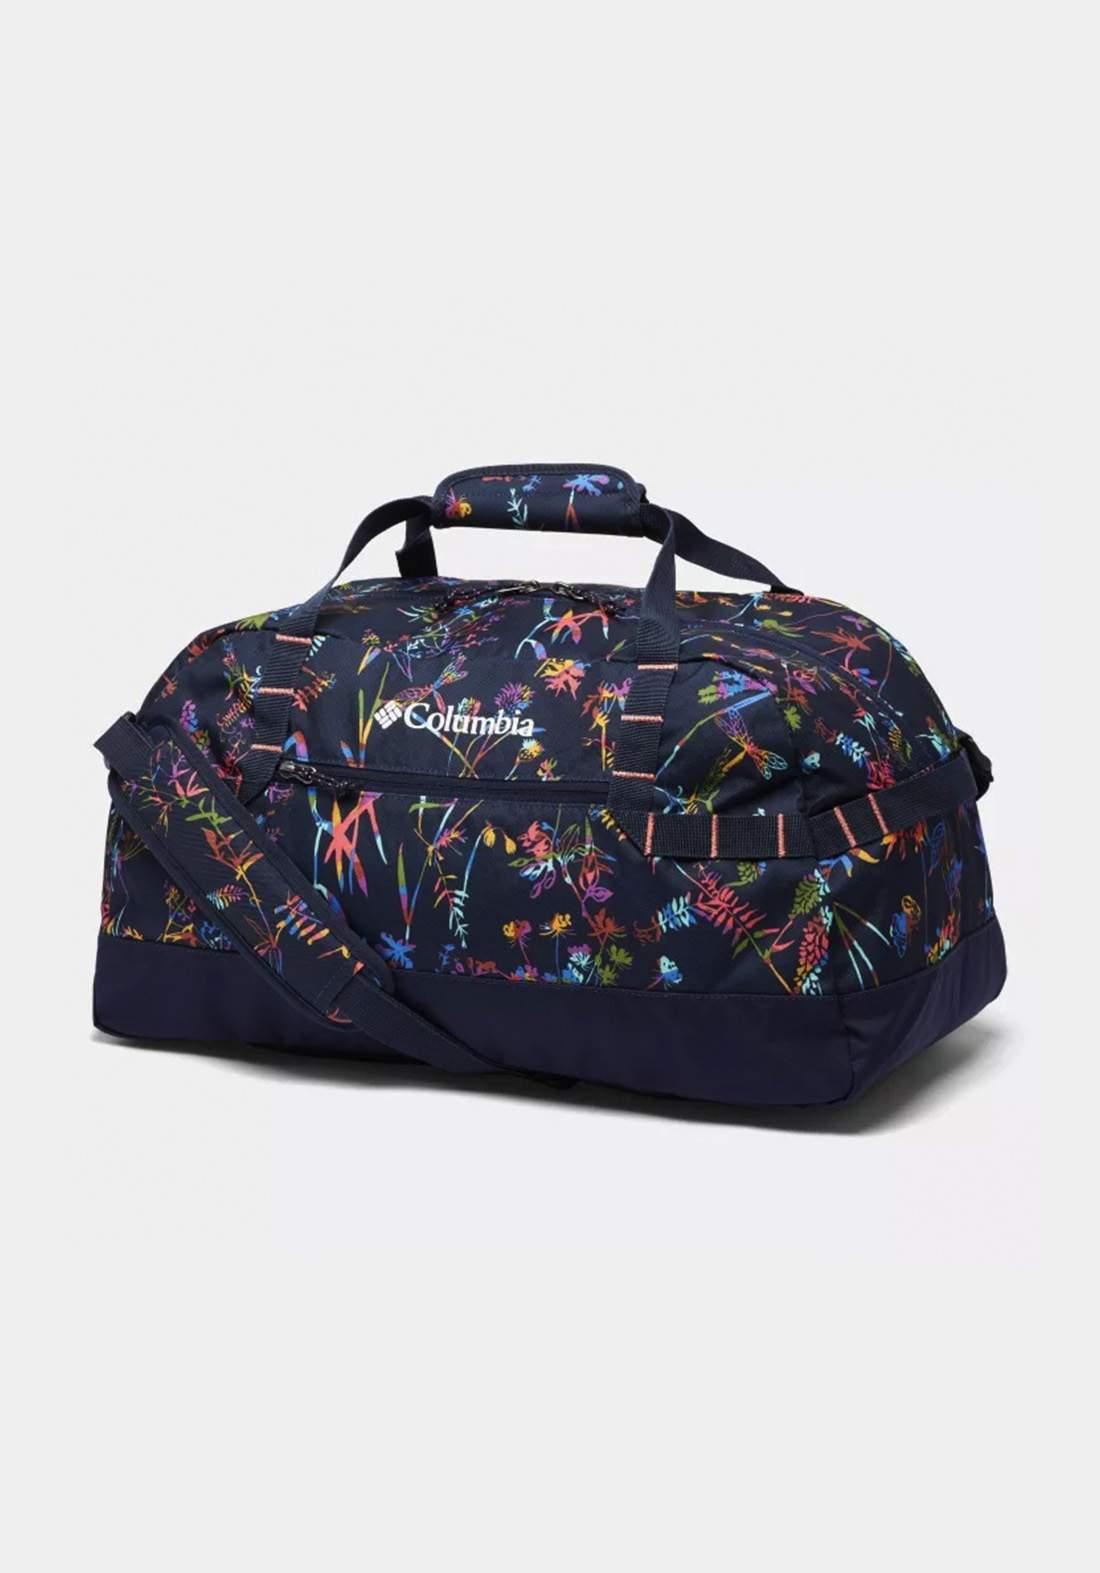 حقيبة يدوية 35 لتر من Columbia Lodge